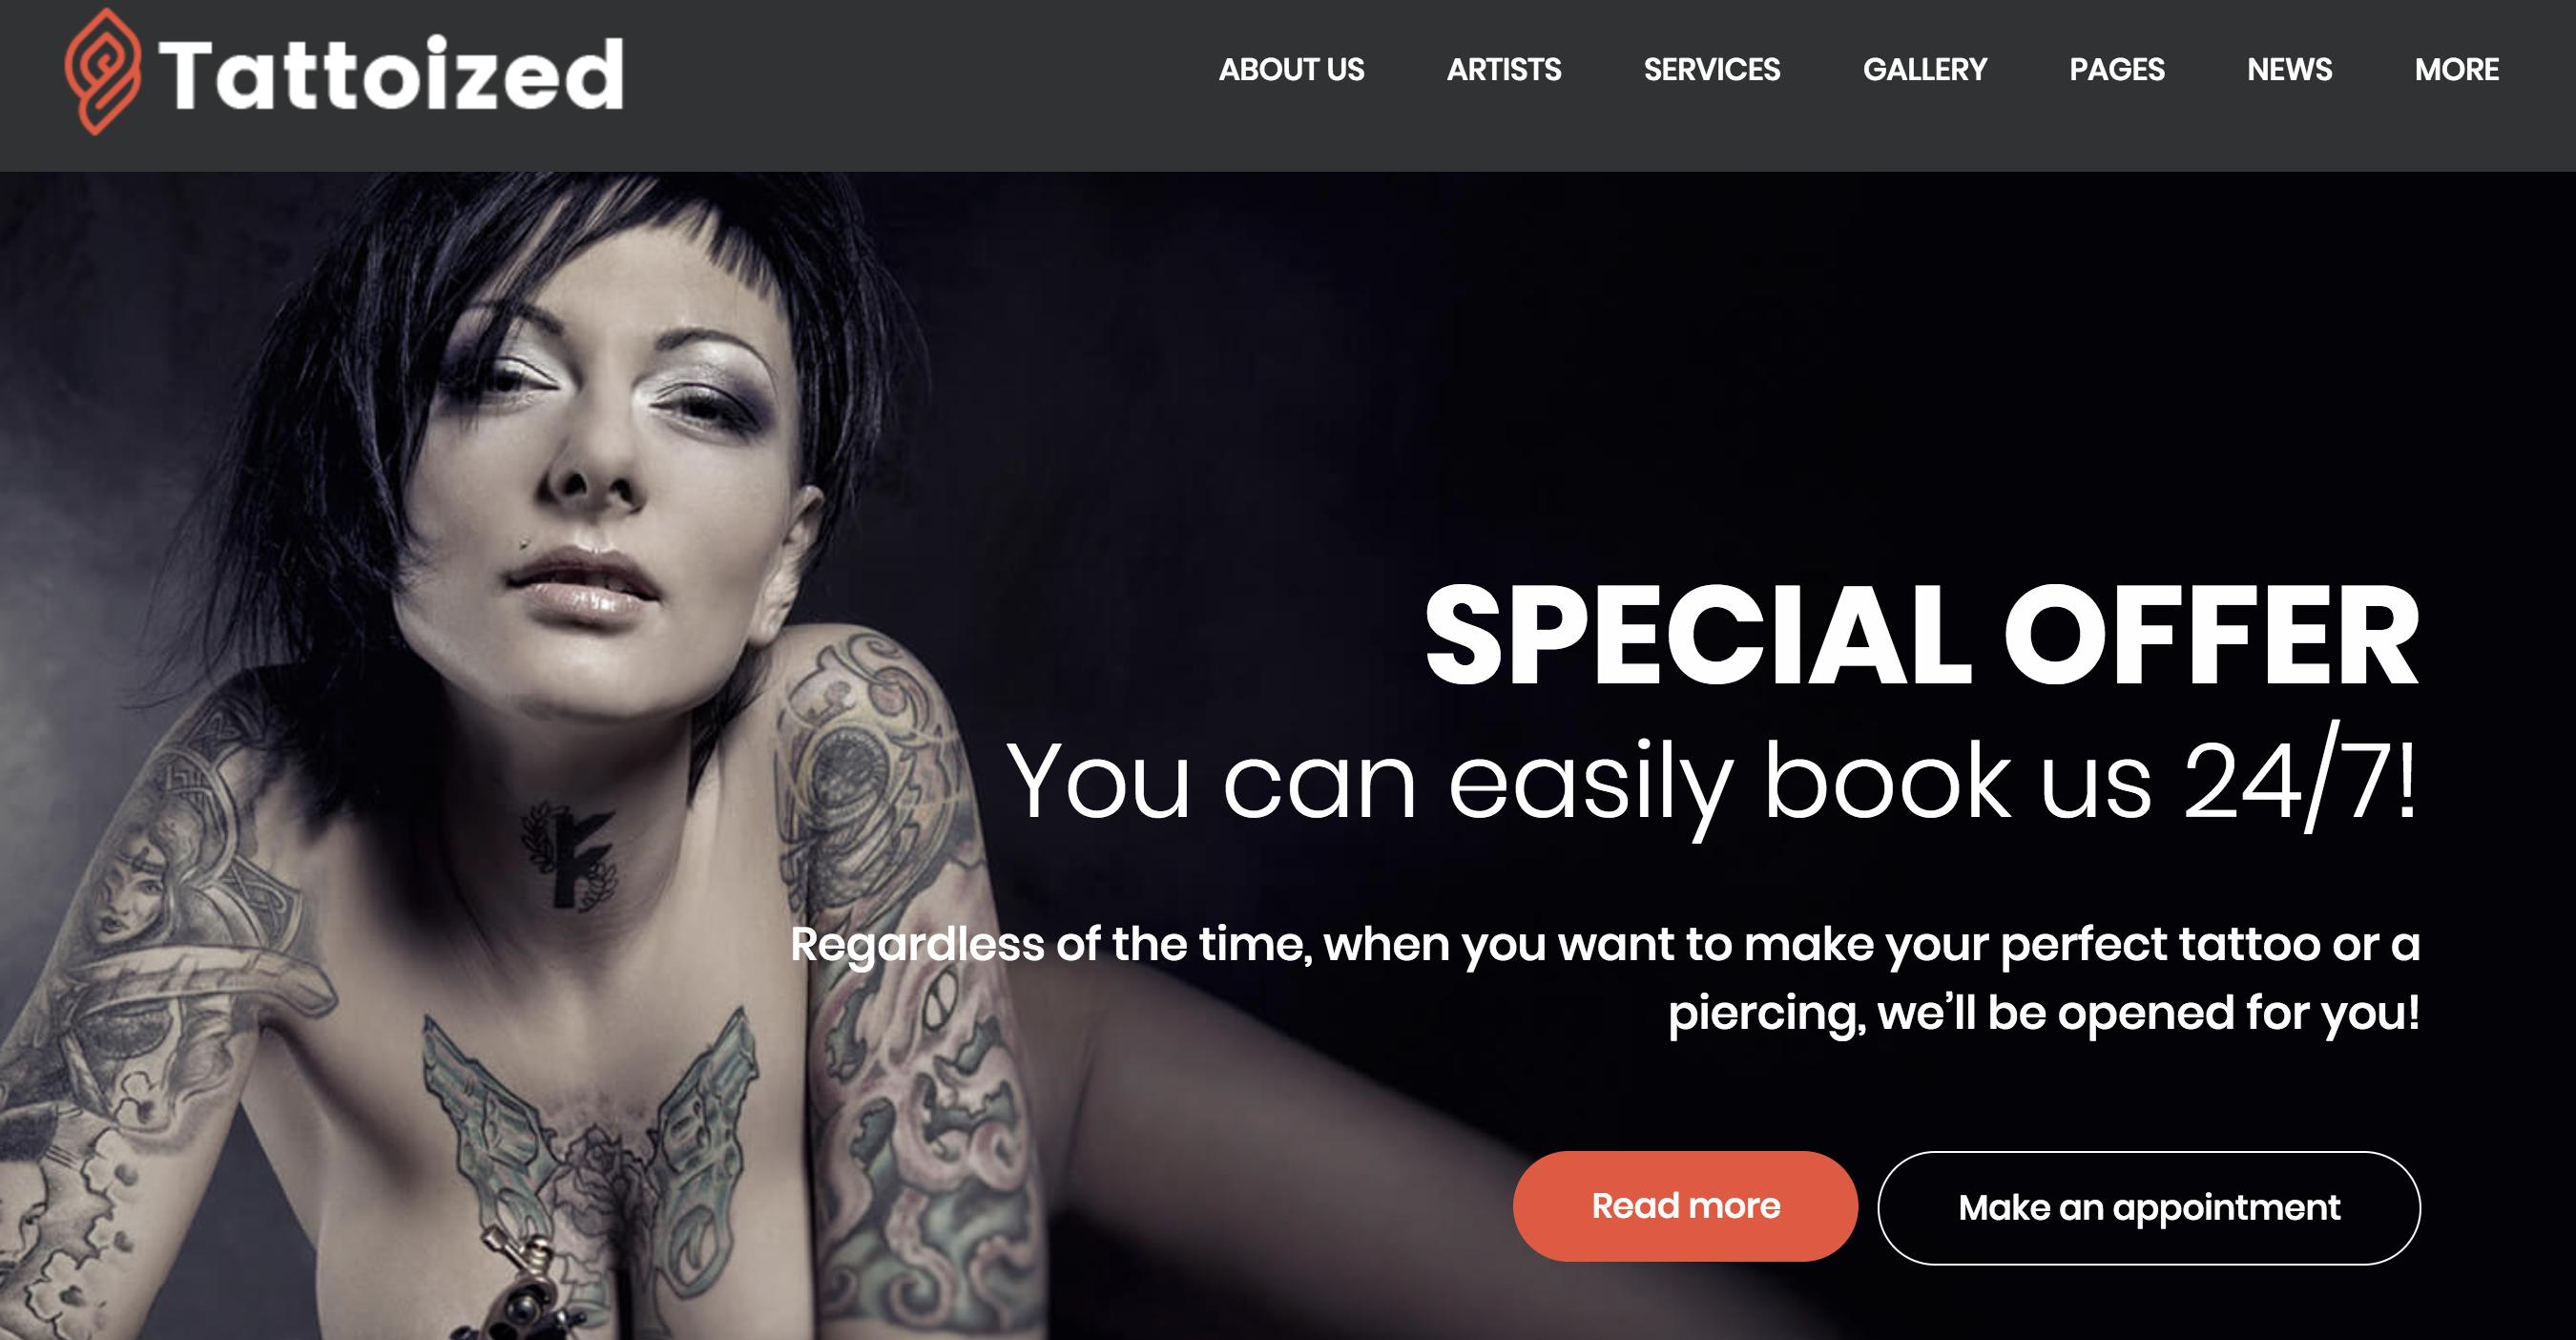 Tattoized - Tattoo Salon WordPress Theme.png